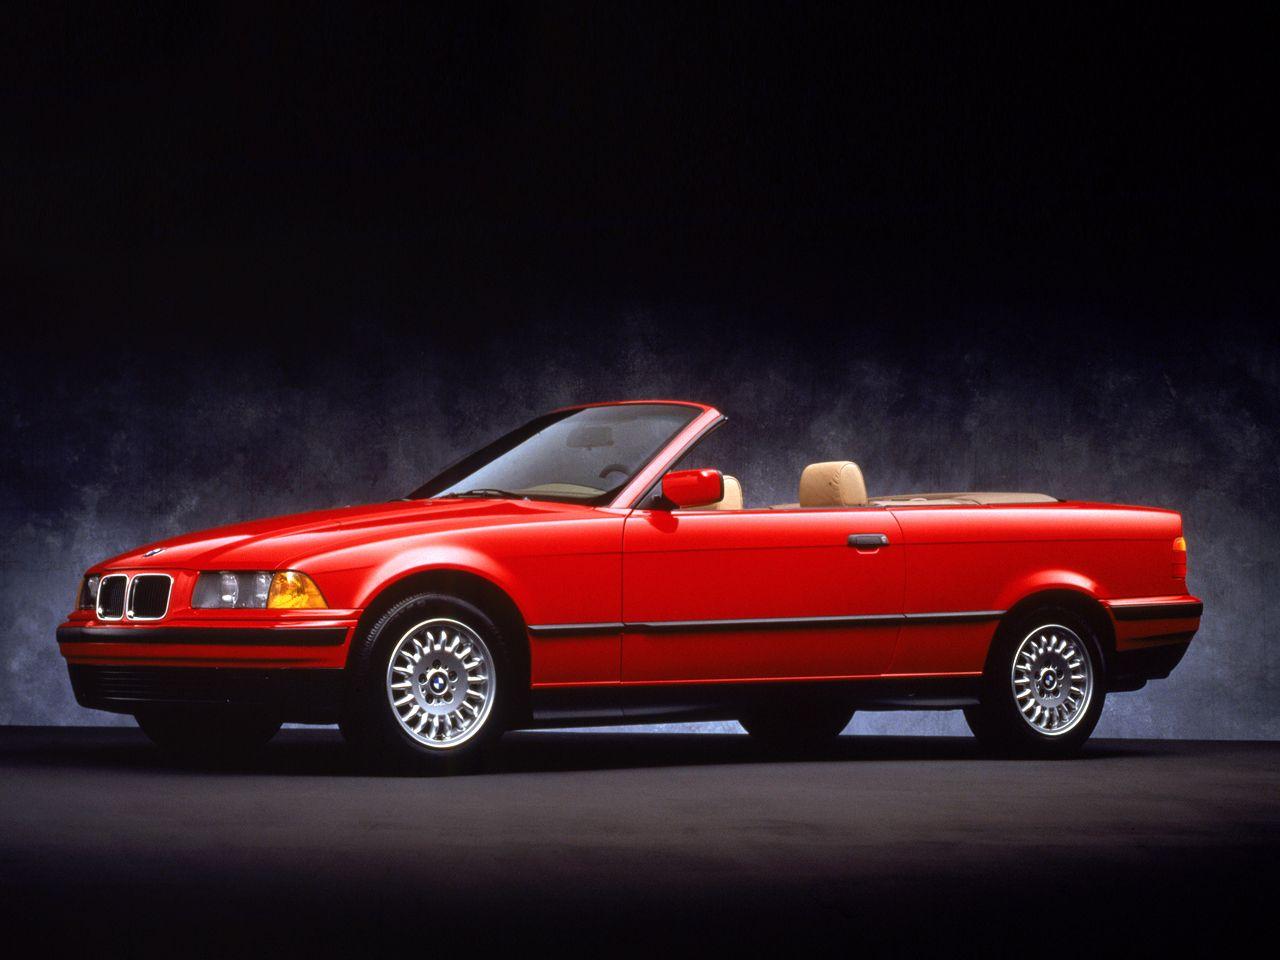 Bmw 3 Series Cabrio E36 Classic Bmw Red